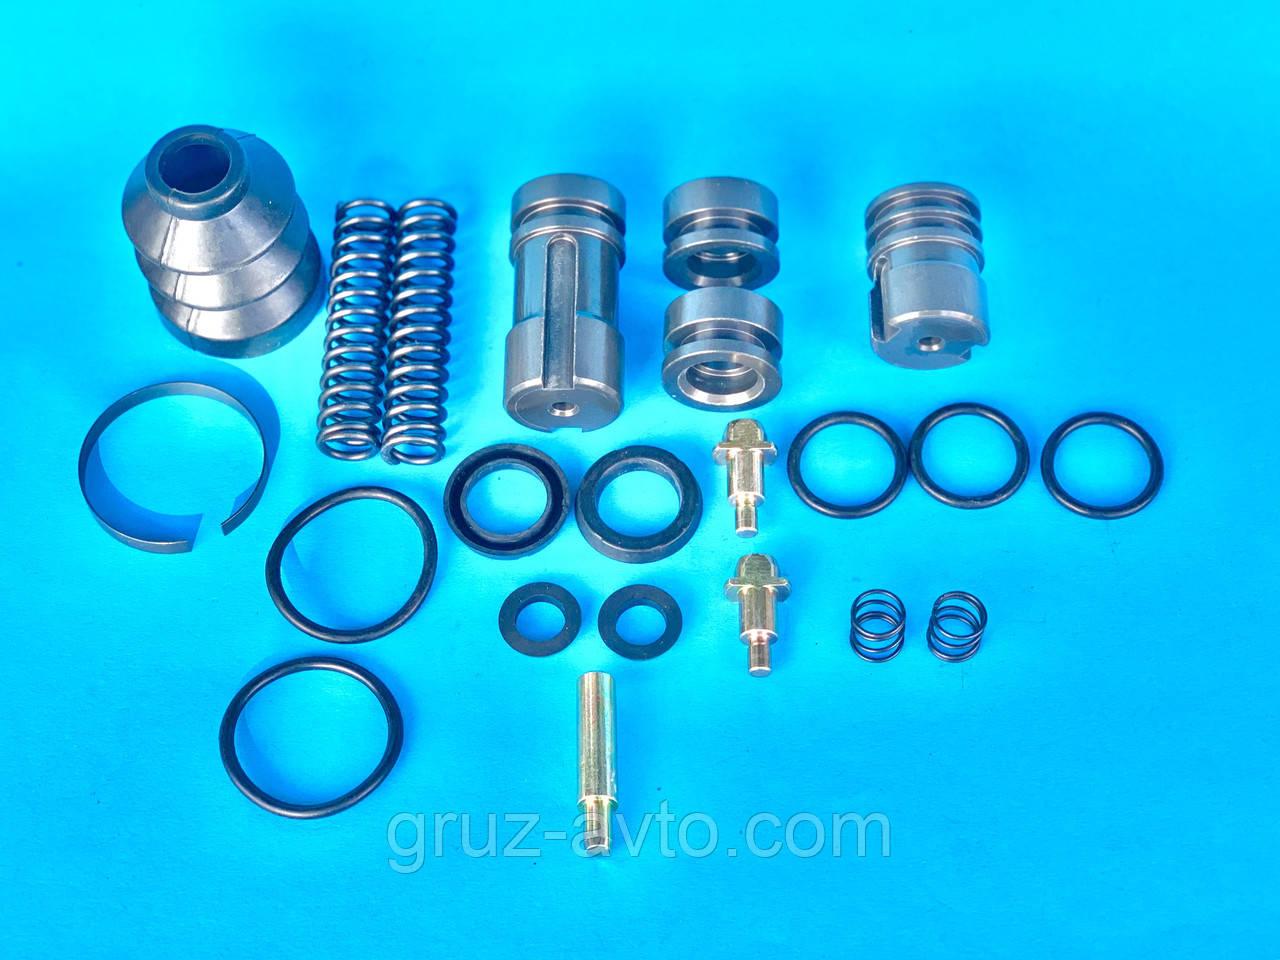 Ремкомплект главного тормозного цилиндра 2-секционного ГАЗ-3307 полный / 53-3500105-05